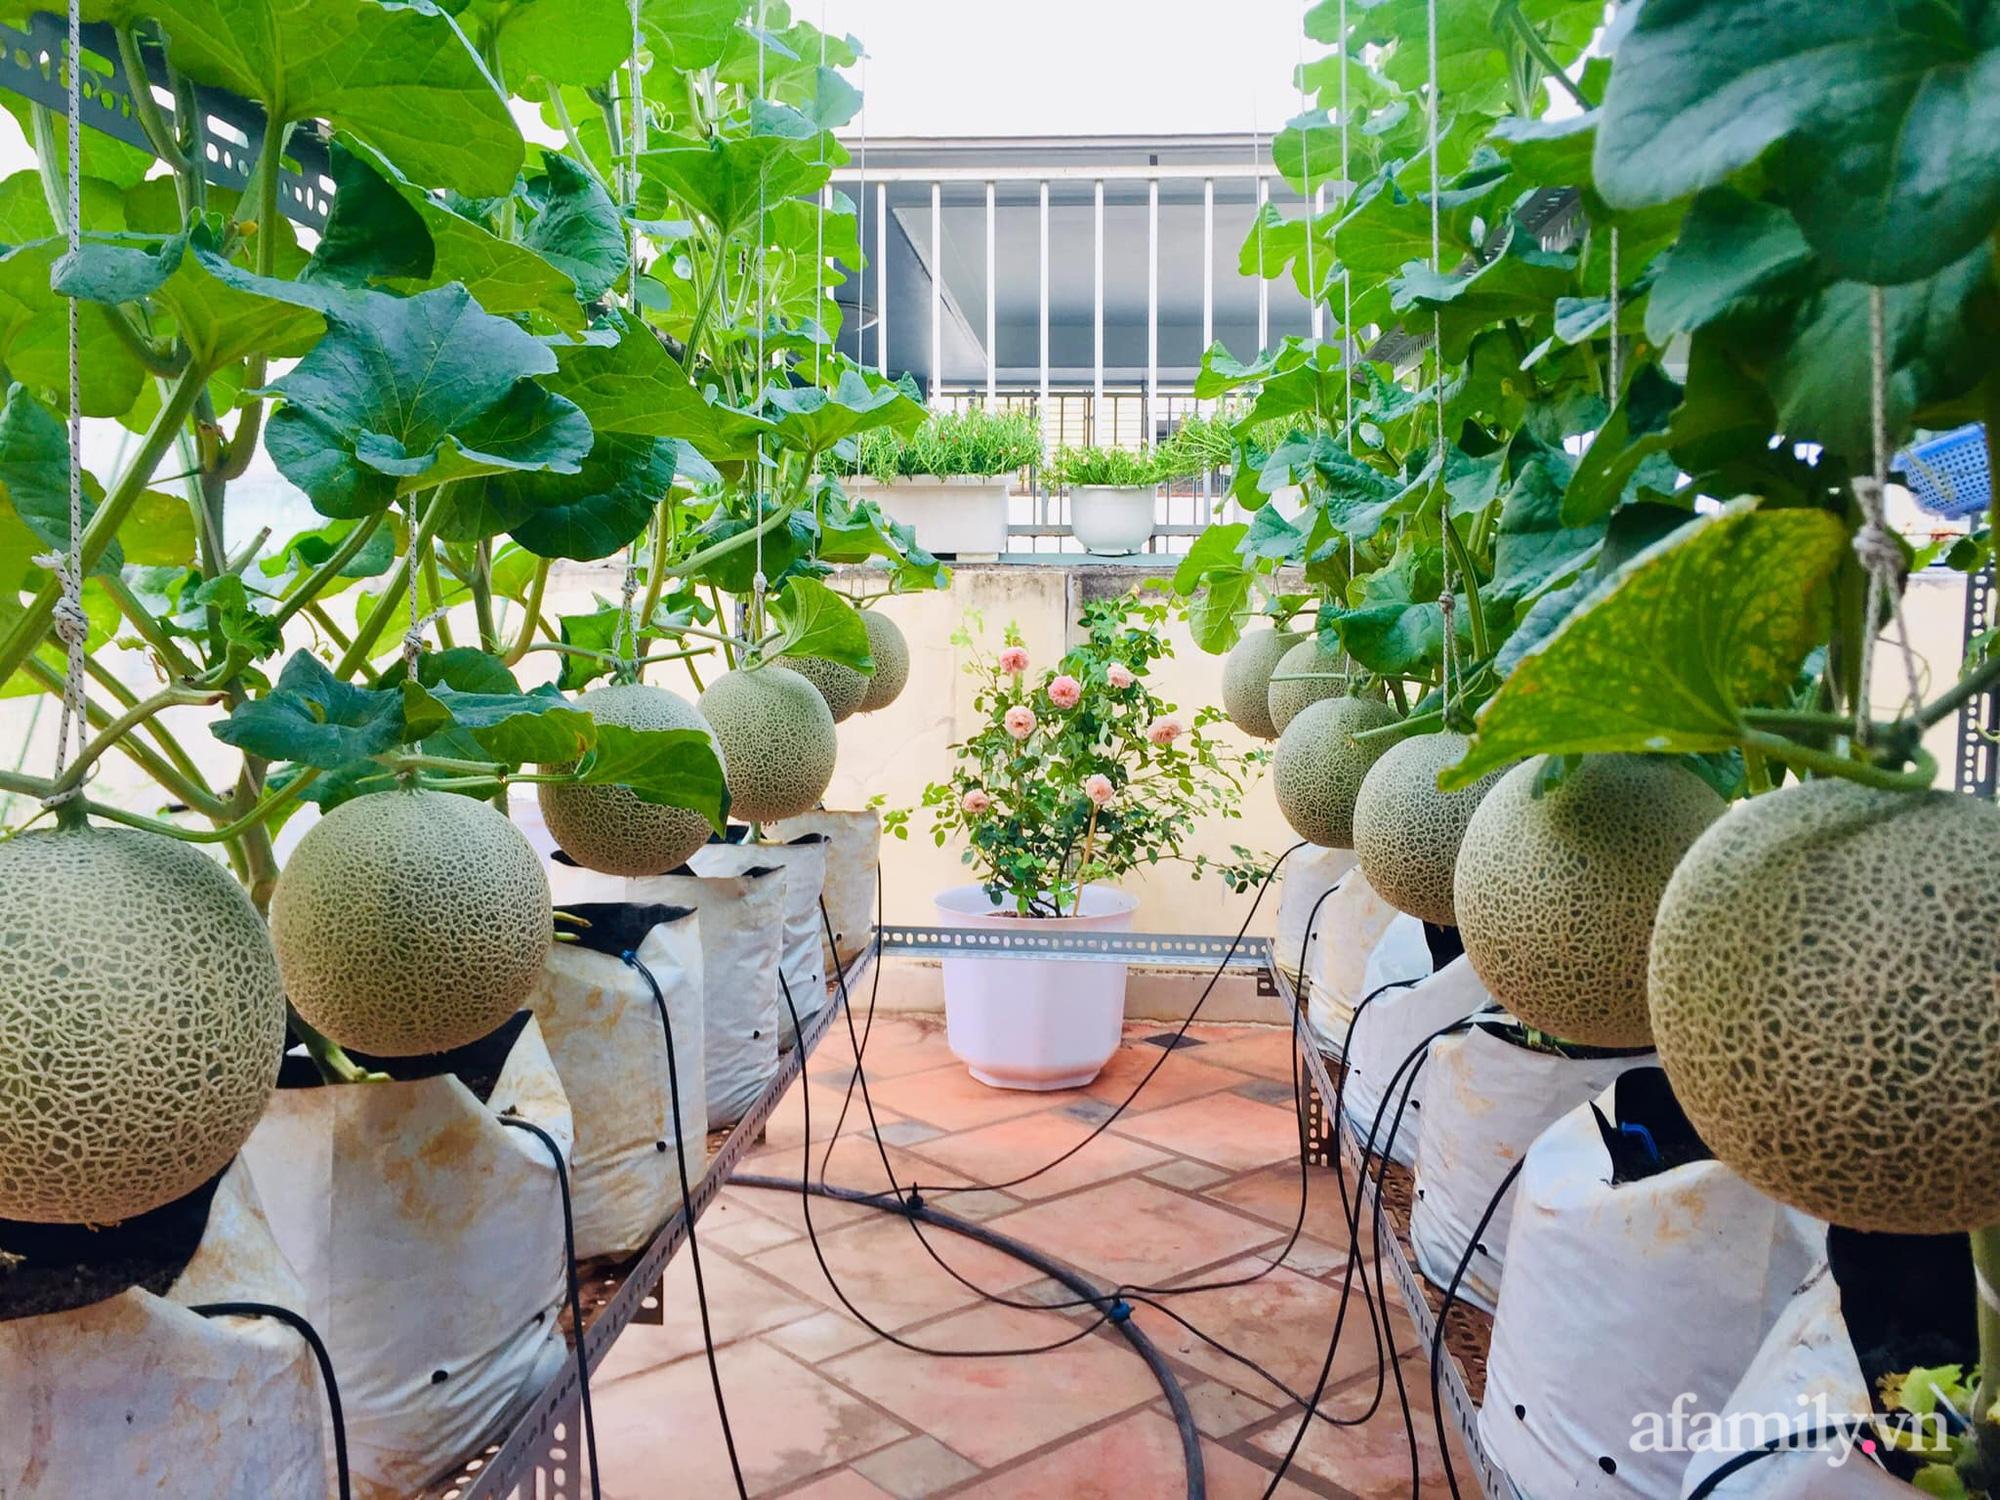 Ghé thăm sân thượng thu hoạch cả tạ dưa đủ loại của người phụ nữ đảm đang ở quận 6, Sài Gòn - Ảnh 2.